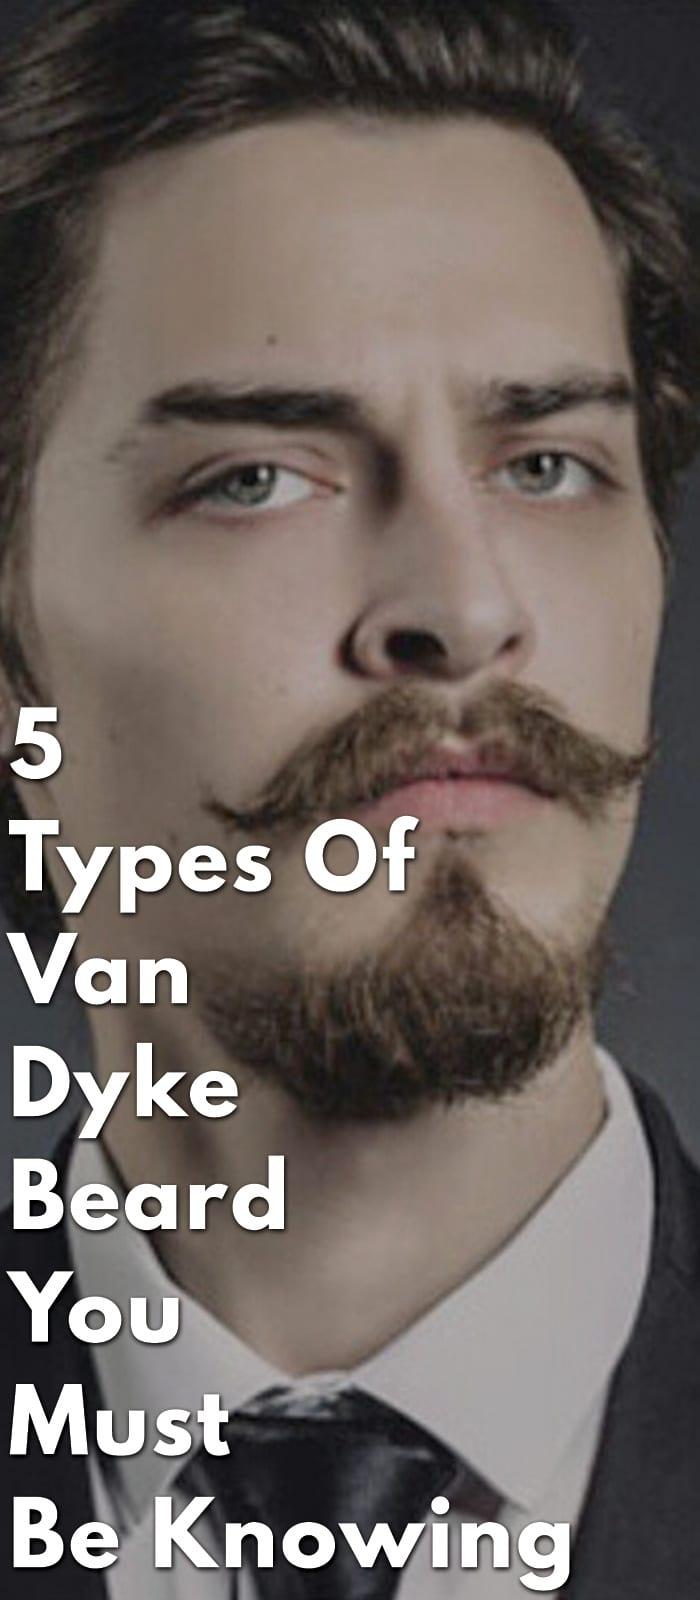 5-Types-of-Van-Dyke-Beard-You-Must-Be-Knowing